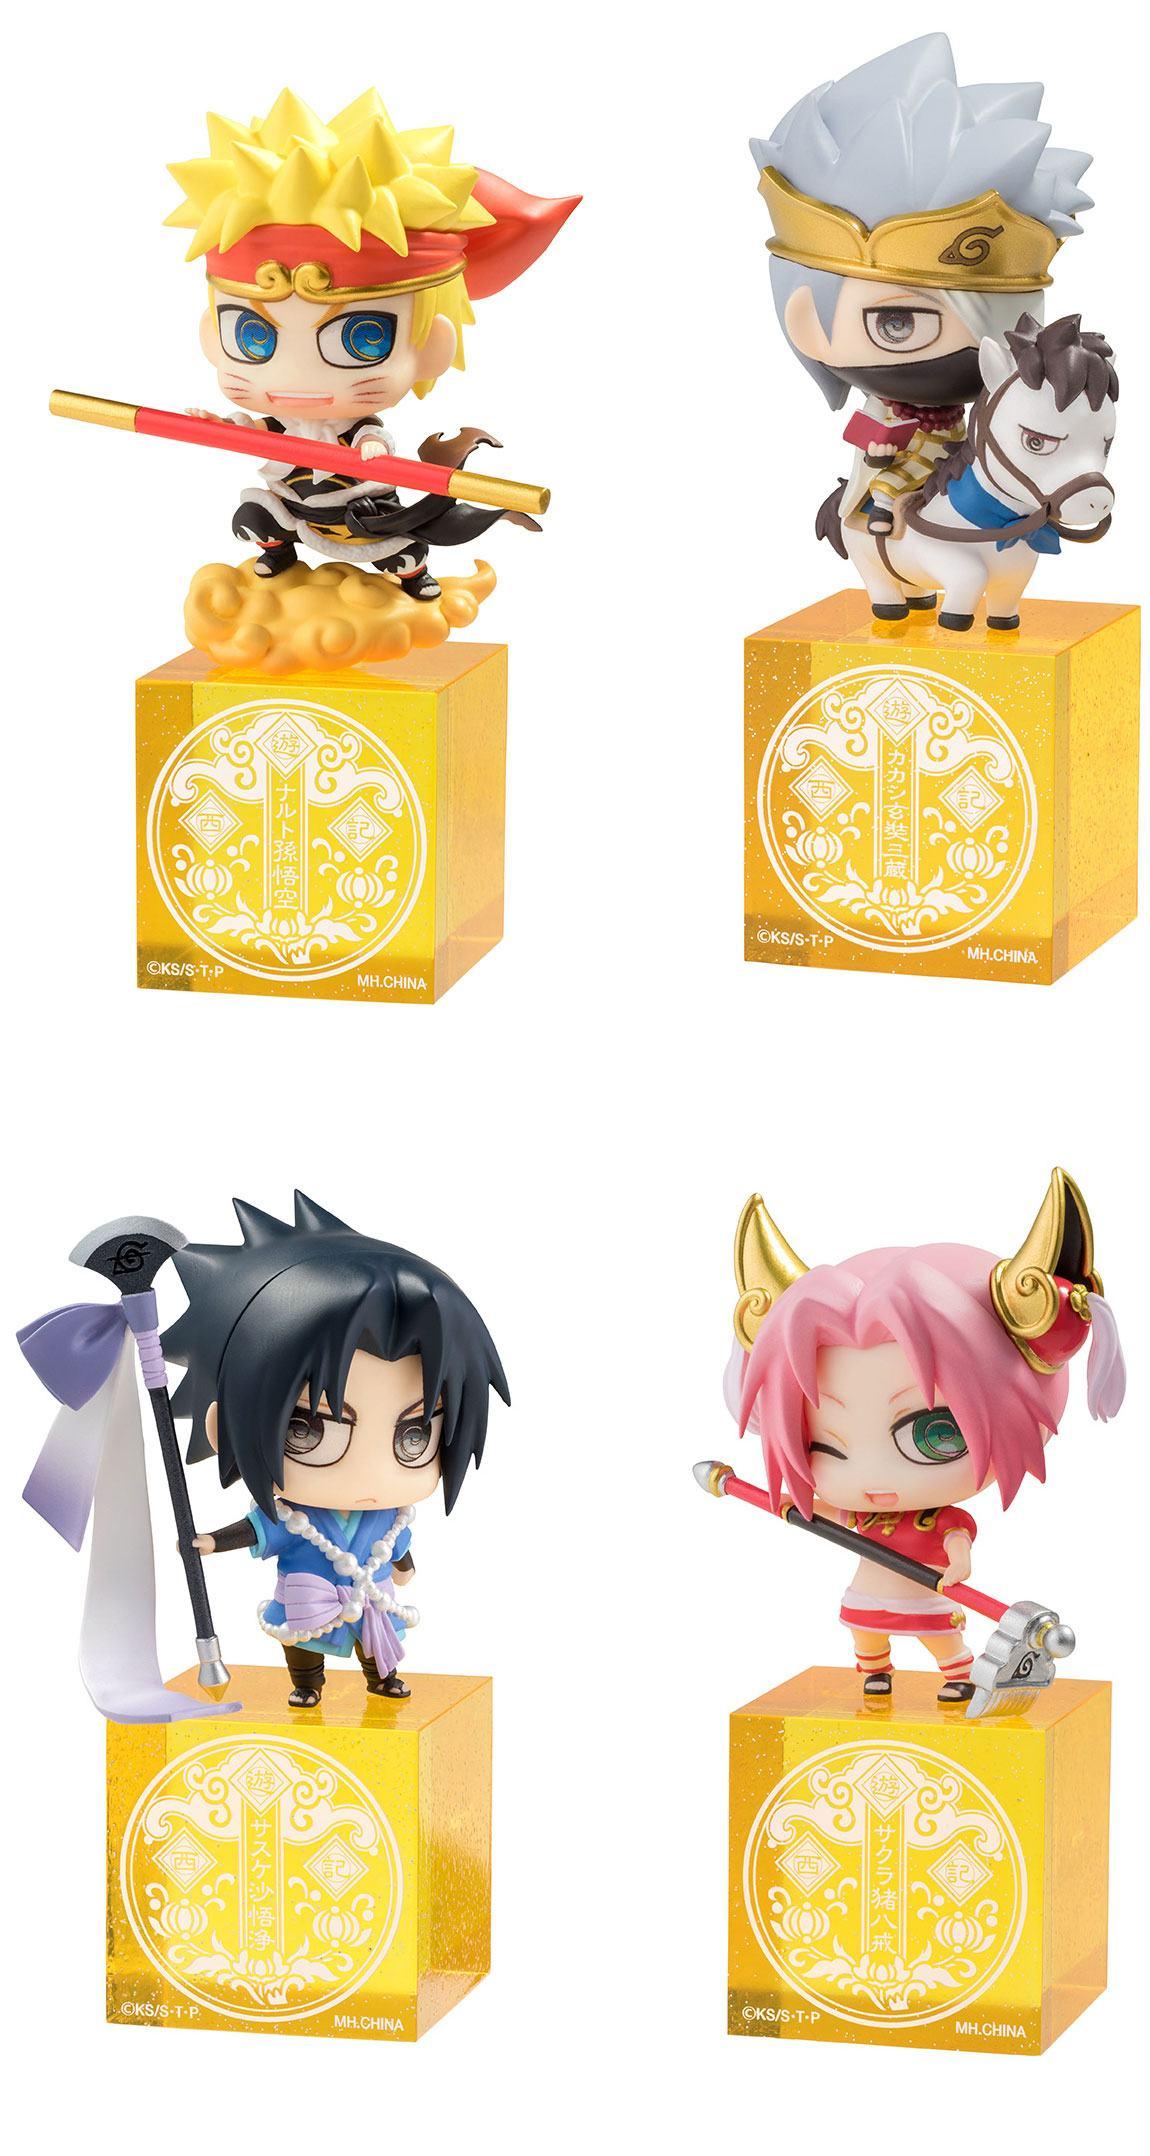 Naruto Shippuden Petit Chara Land Trading Figure 4 Pack